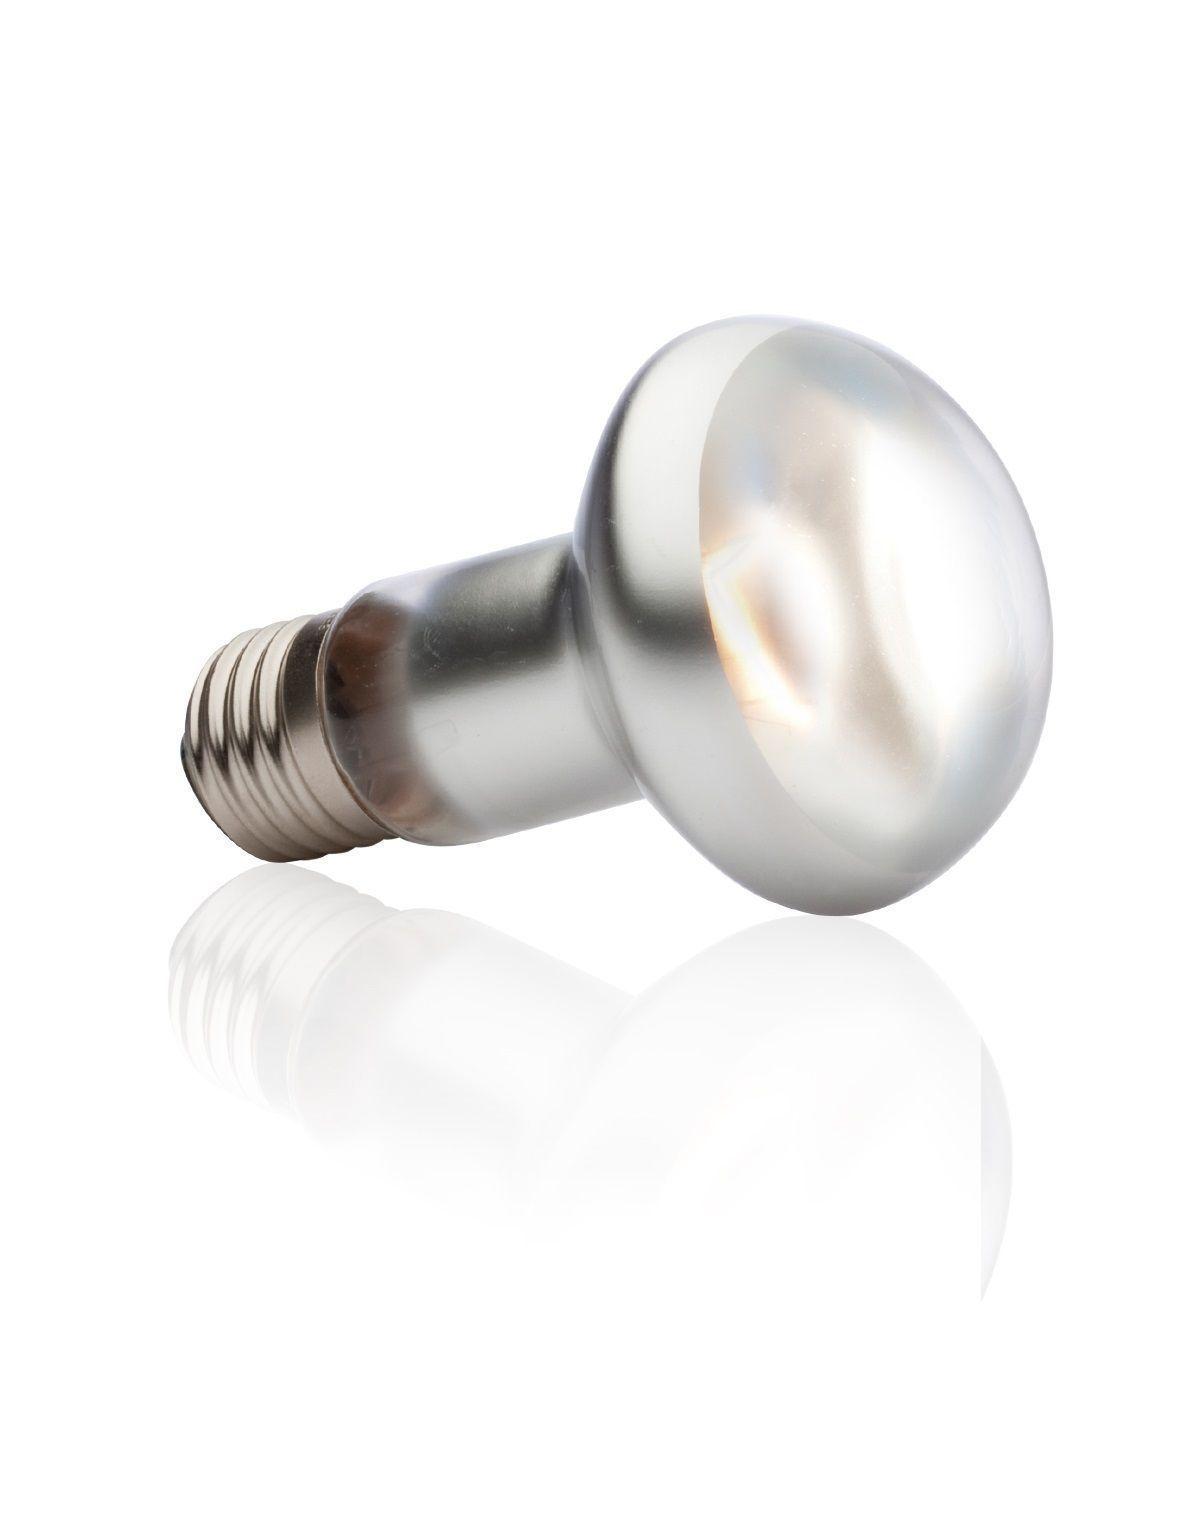 Exo Terra Intense Basking Spot Light Bulb Reptile Lighting Lamp Sun Glo Heat Ebay